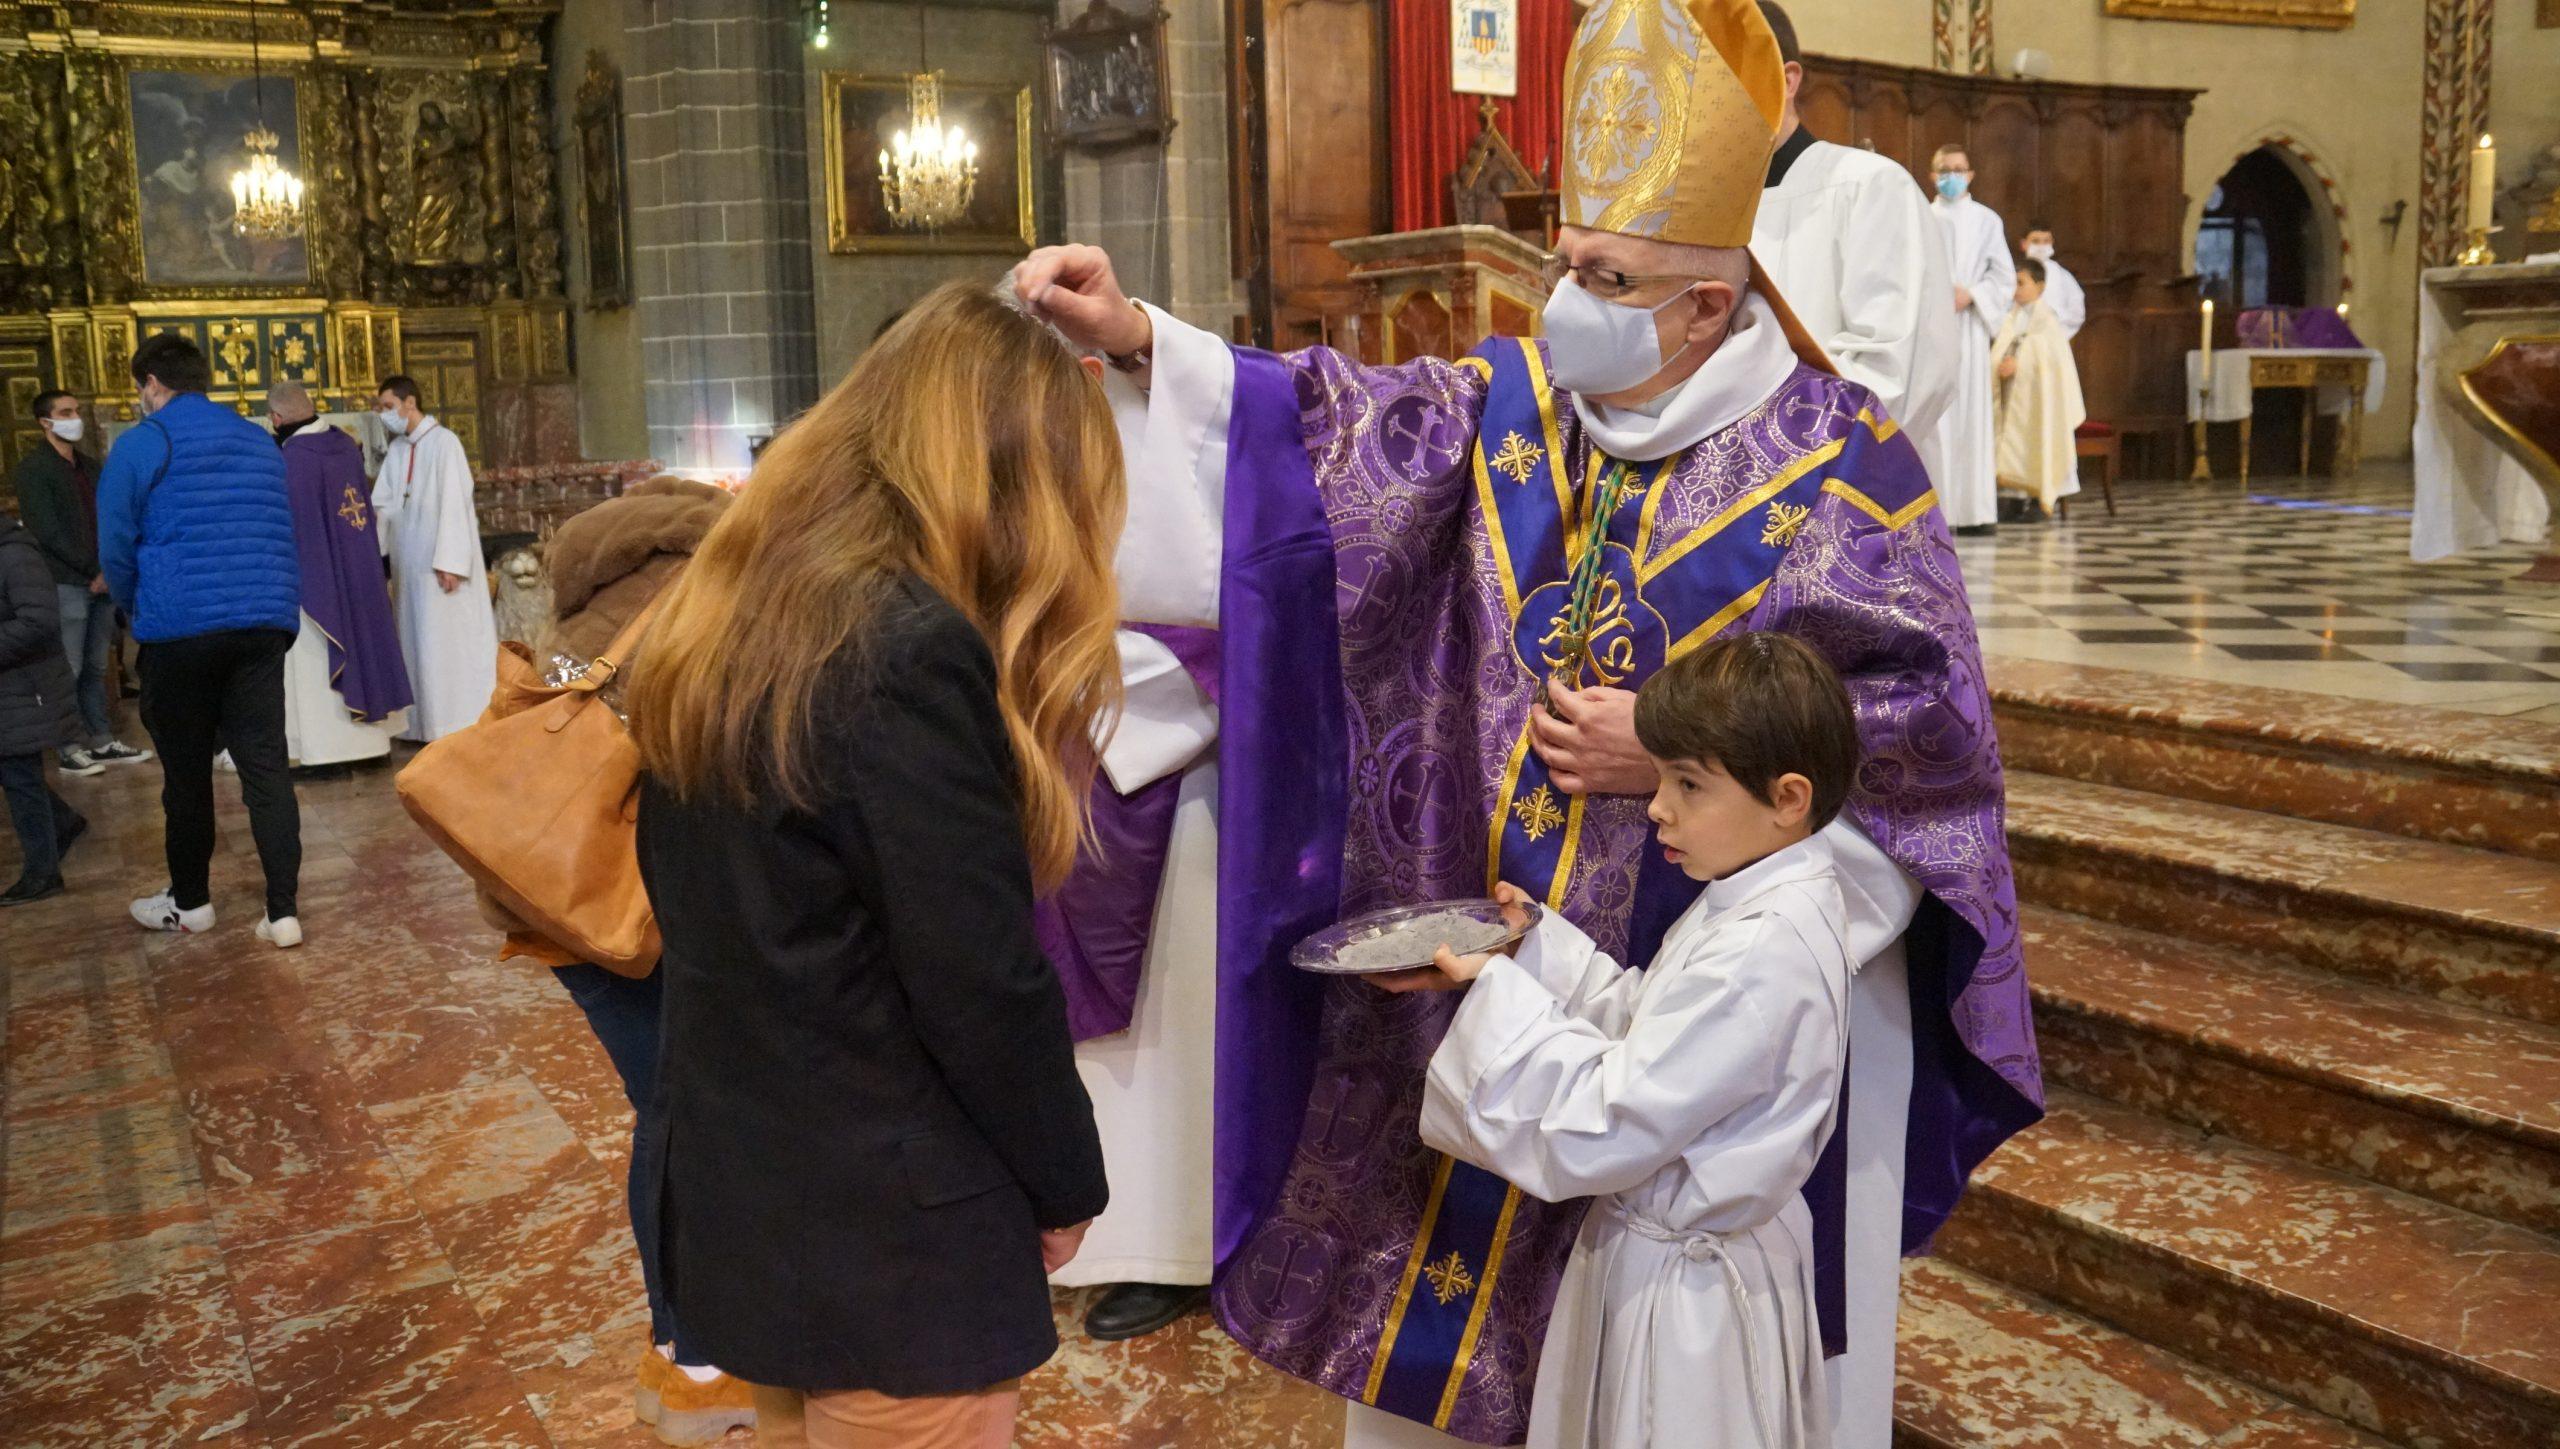 Carême 2021 : retour en images sur les Cendres à la Cathédrale St Jean-Baptiste de Perpignan